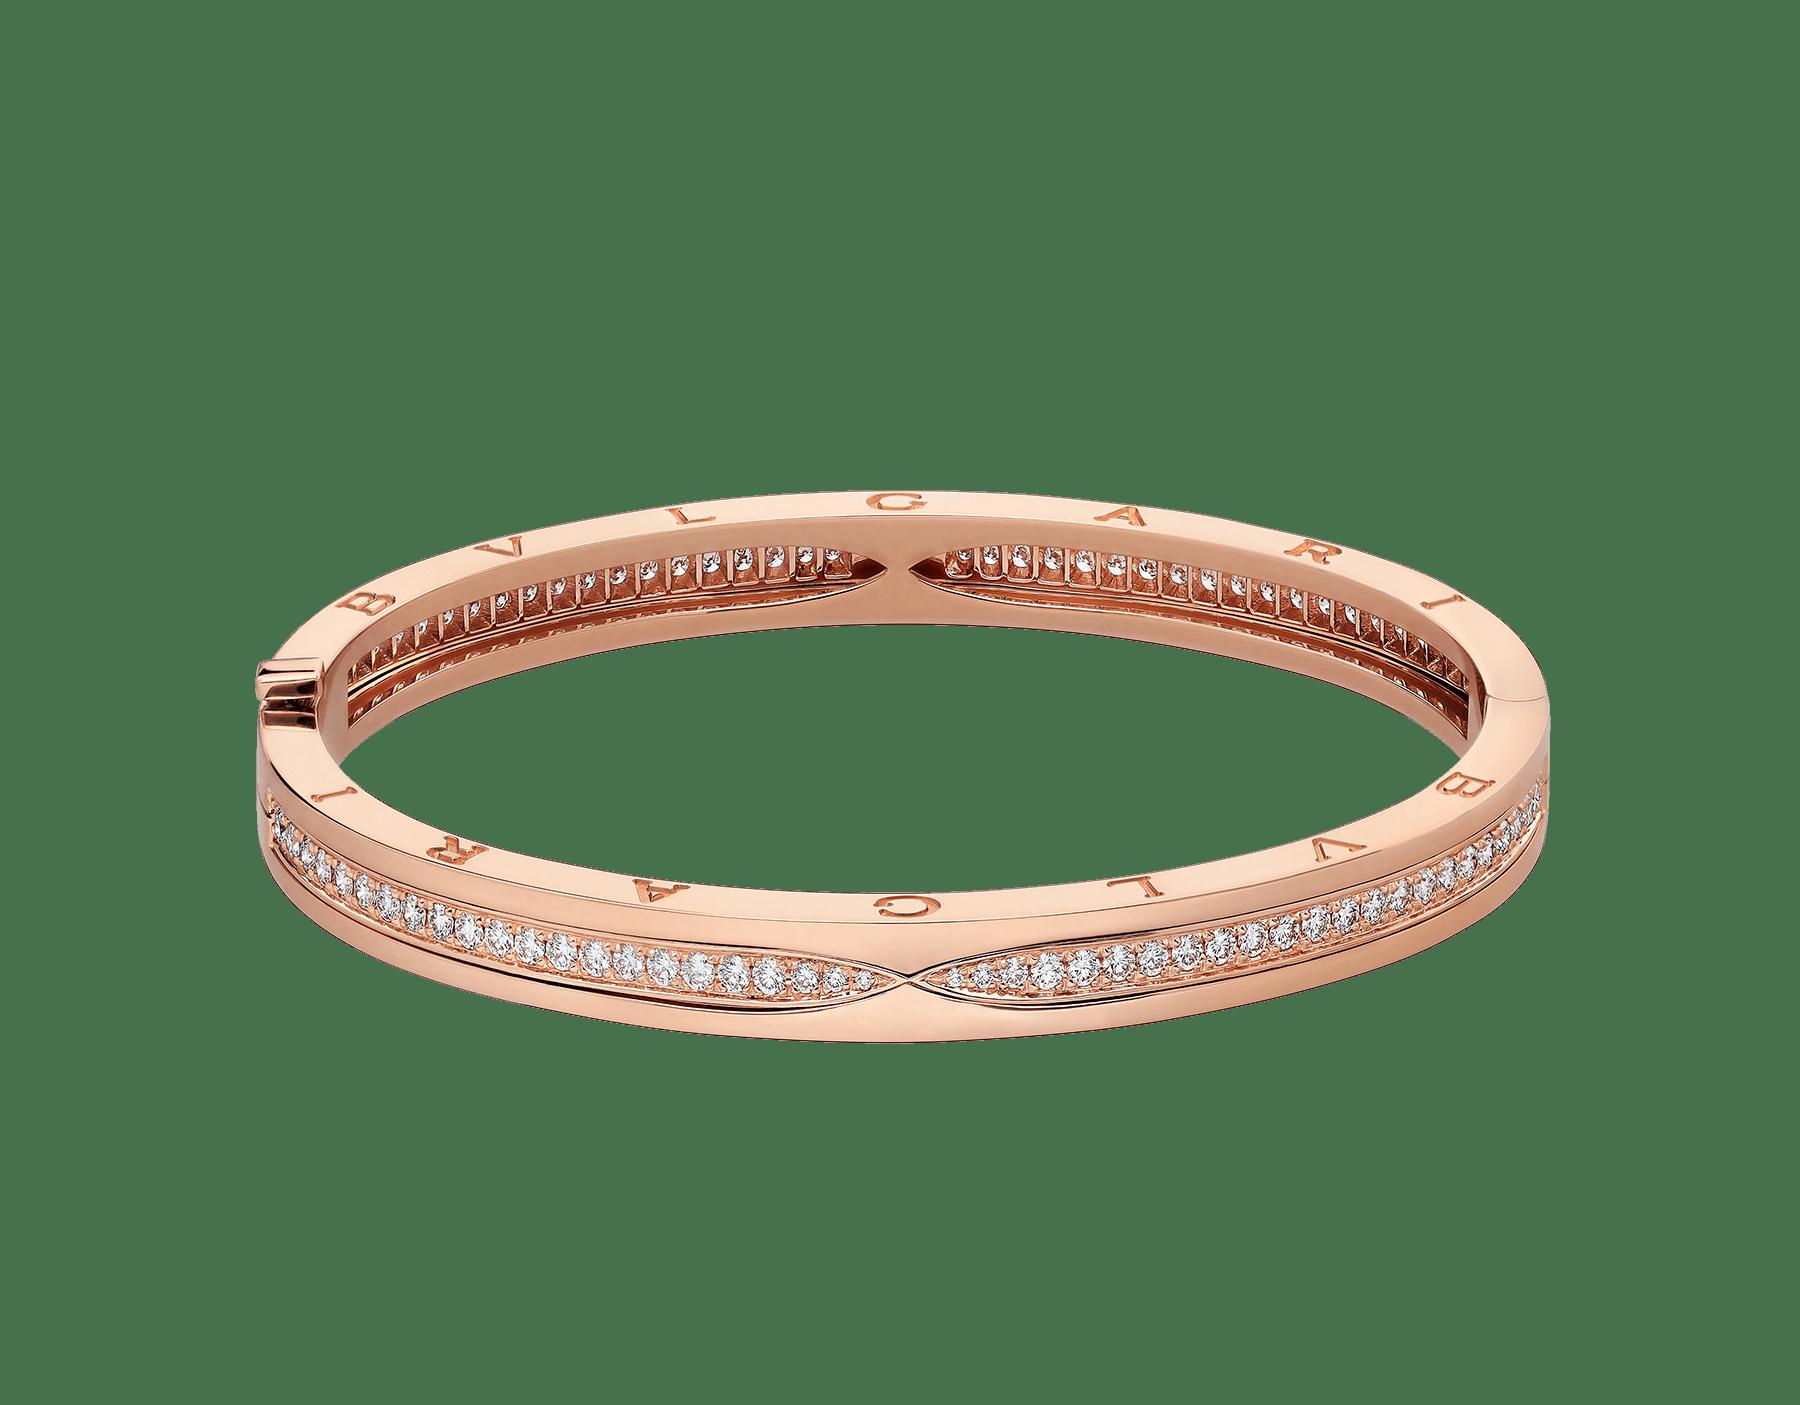 B.zero1 Armreif aus 18 Karat Roségold, an der Spirale ausgefasst mit Diamant-Pavé. 351400 image 2